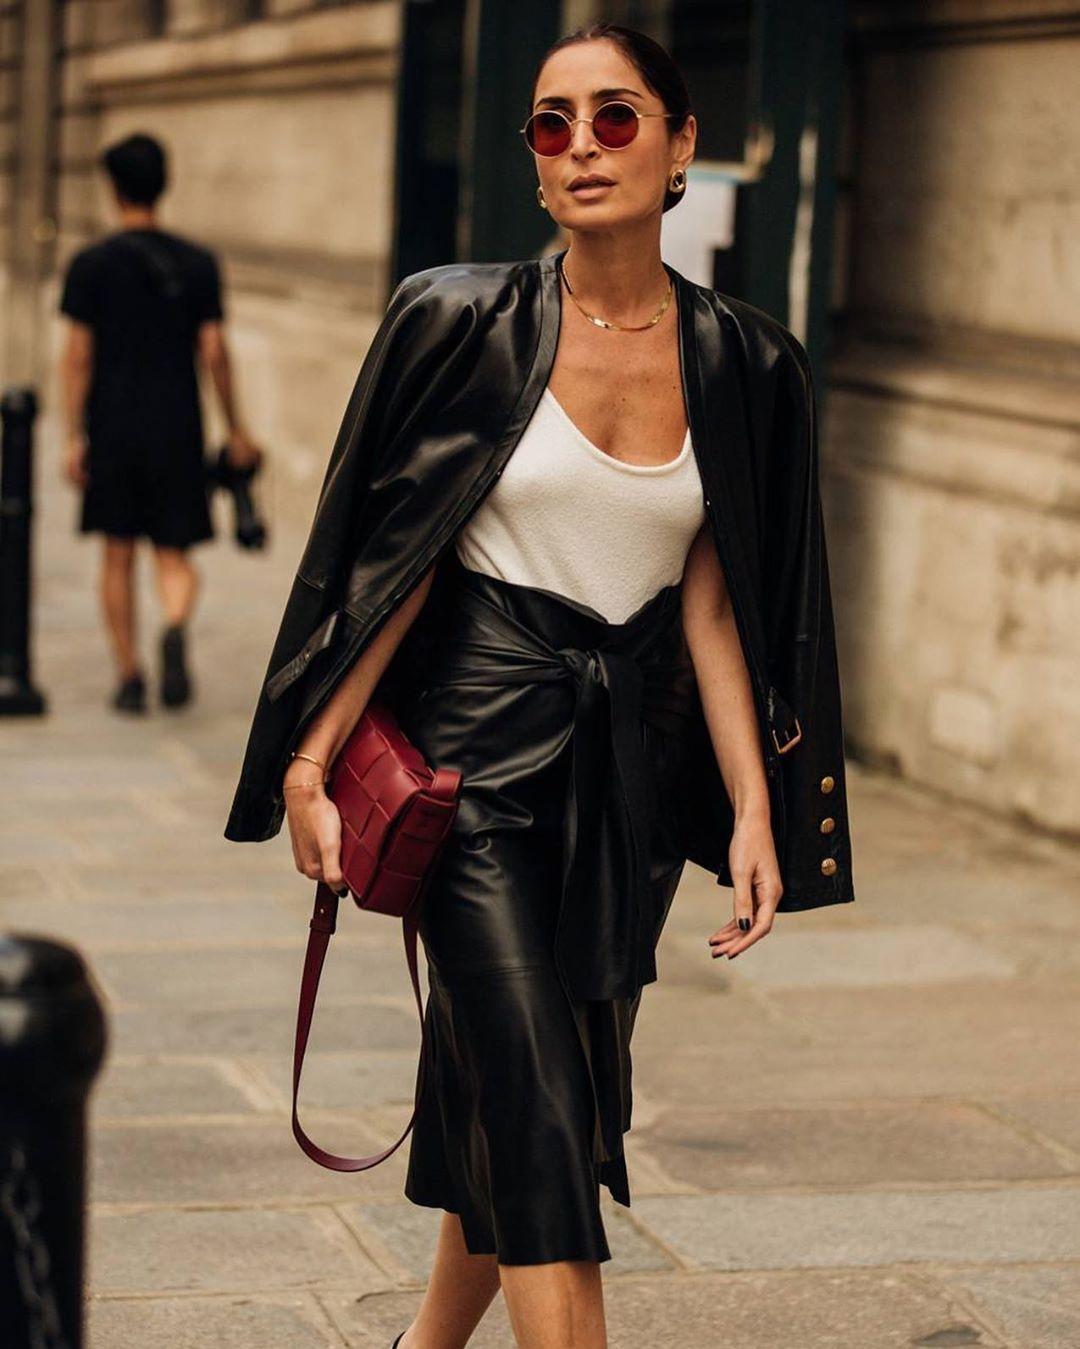 Street style ấn tượng với blazer và chân váy da, kết hợp cùng túi xách đỏ và dây chuyền choker bằng vàng